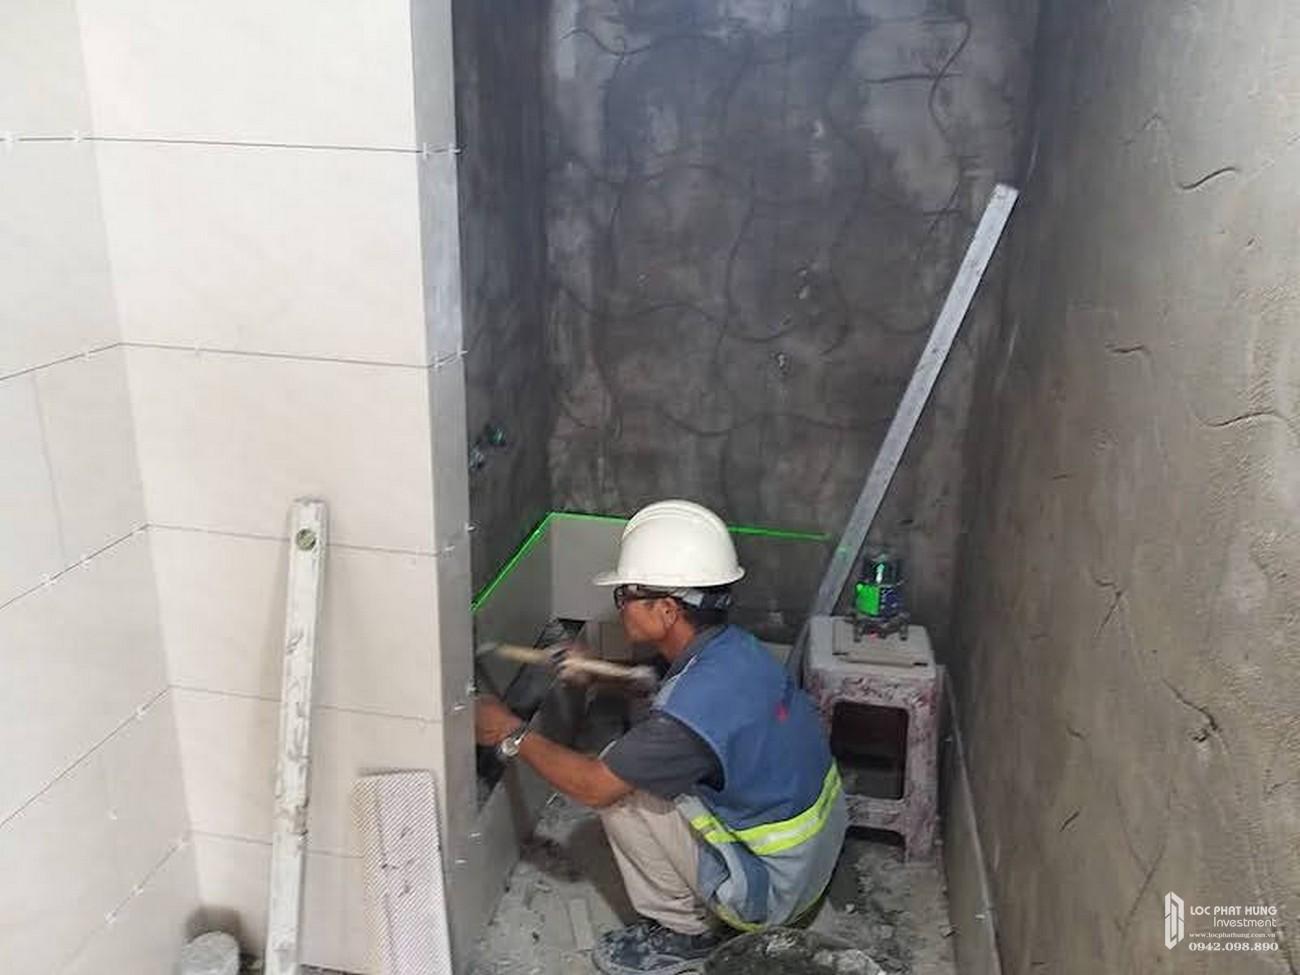 Tiến độ dự án căn hộ chung cư Sky 89 Quận 7 Đường Hoàng Quốc Việt chủ đầu tư An Gia Investment tháng 09